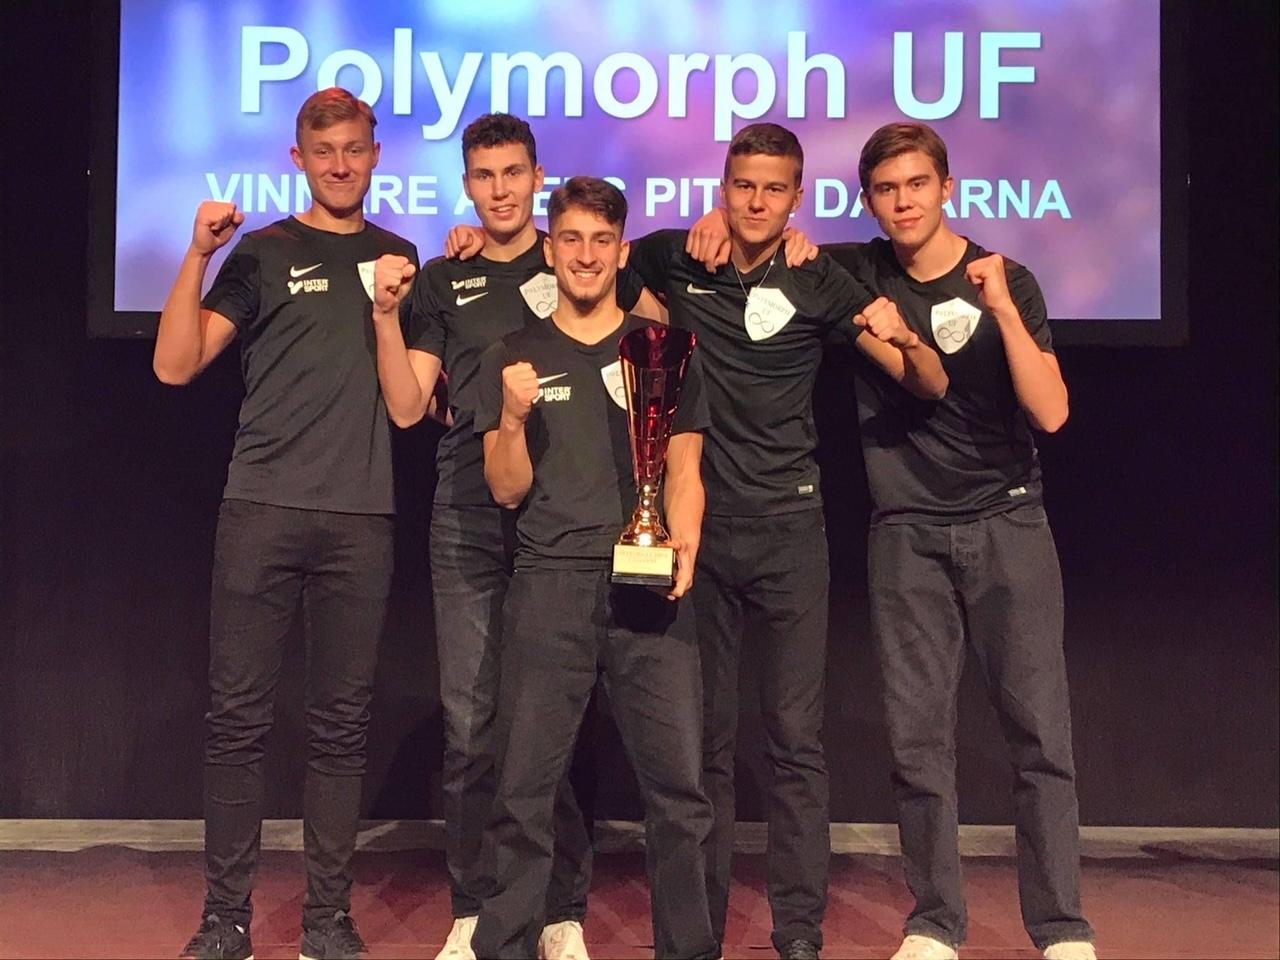 UF-företaget Polymorph